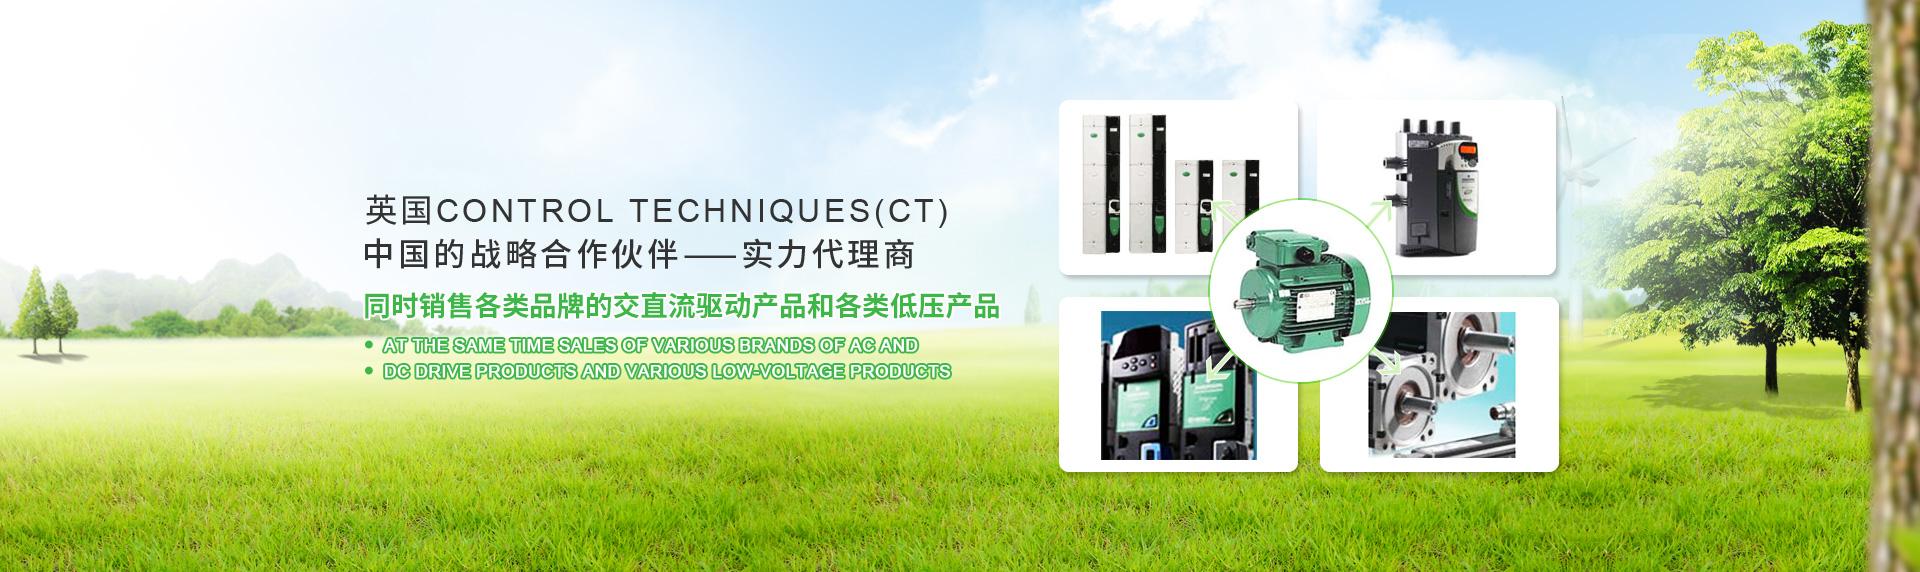 上海CT代理商